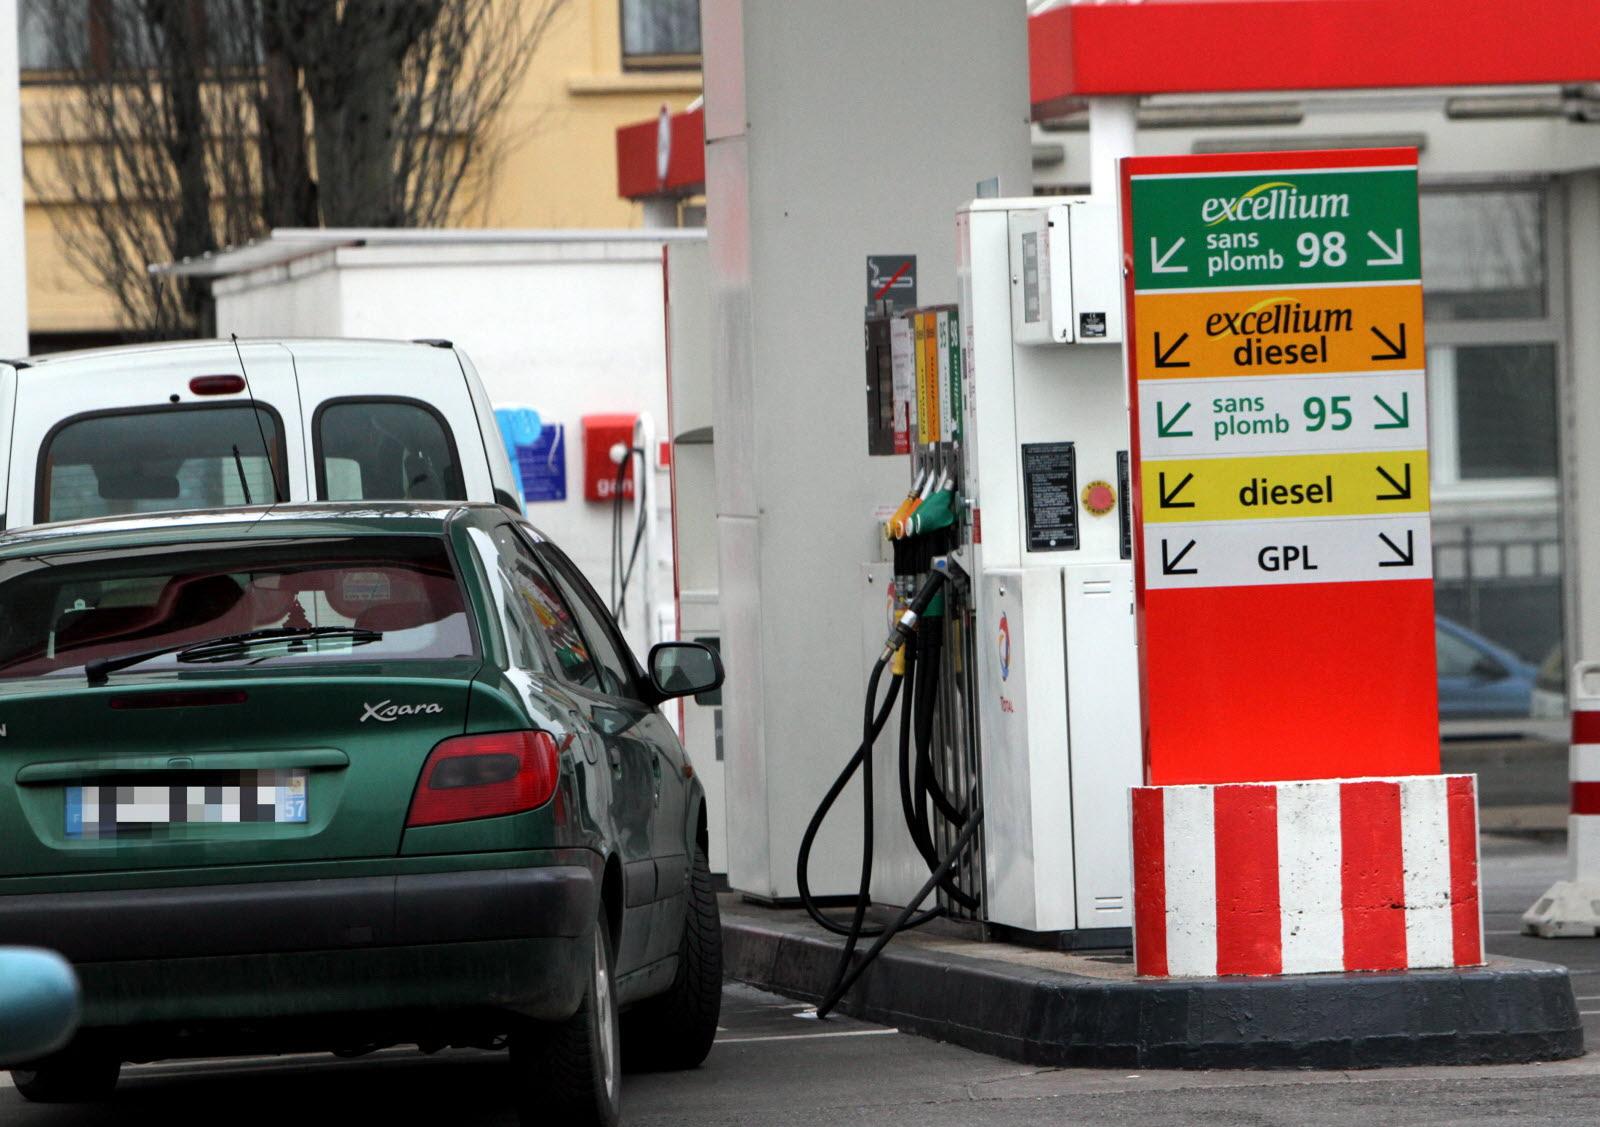 France - Monde | Combien De Voitures Diesel Dans Votre encequiconcerne Combien De Departement En France